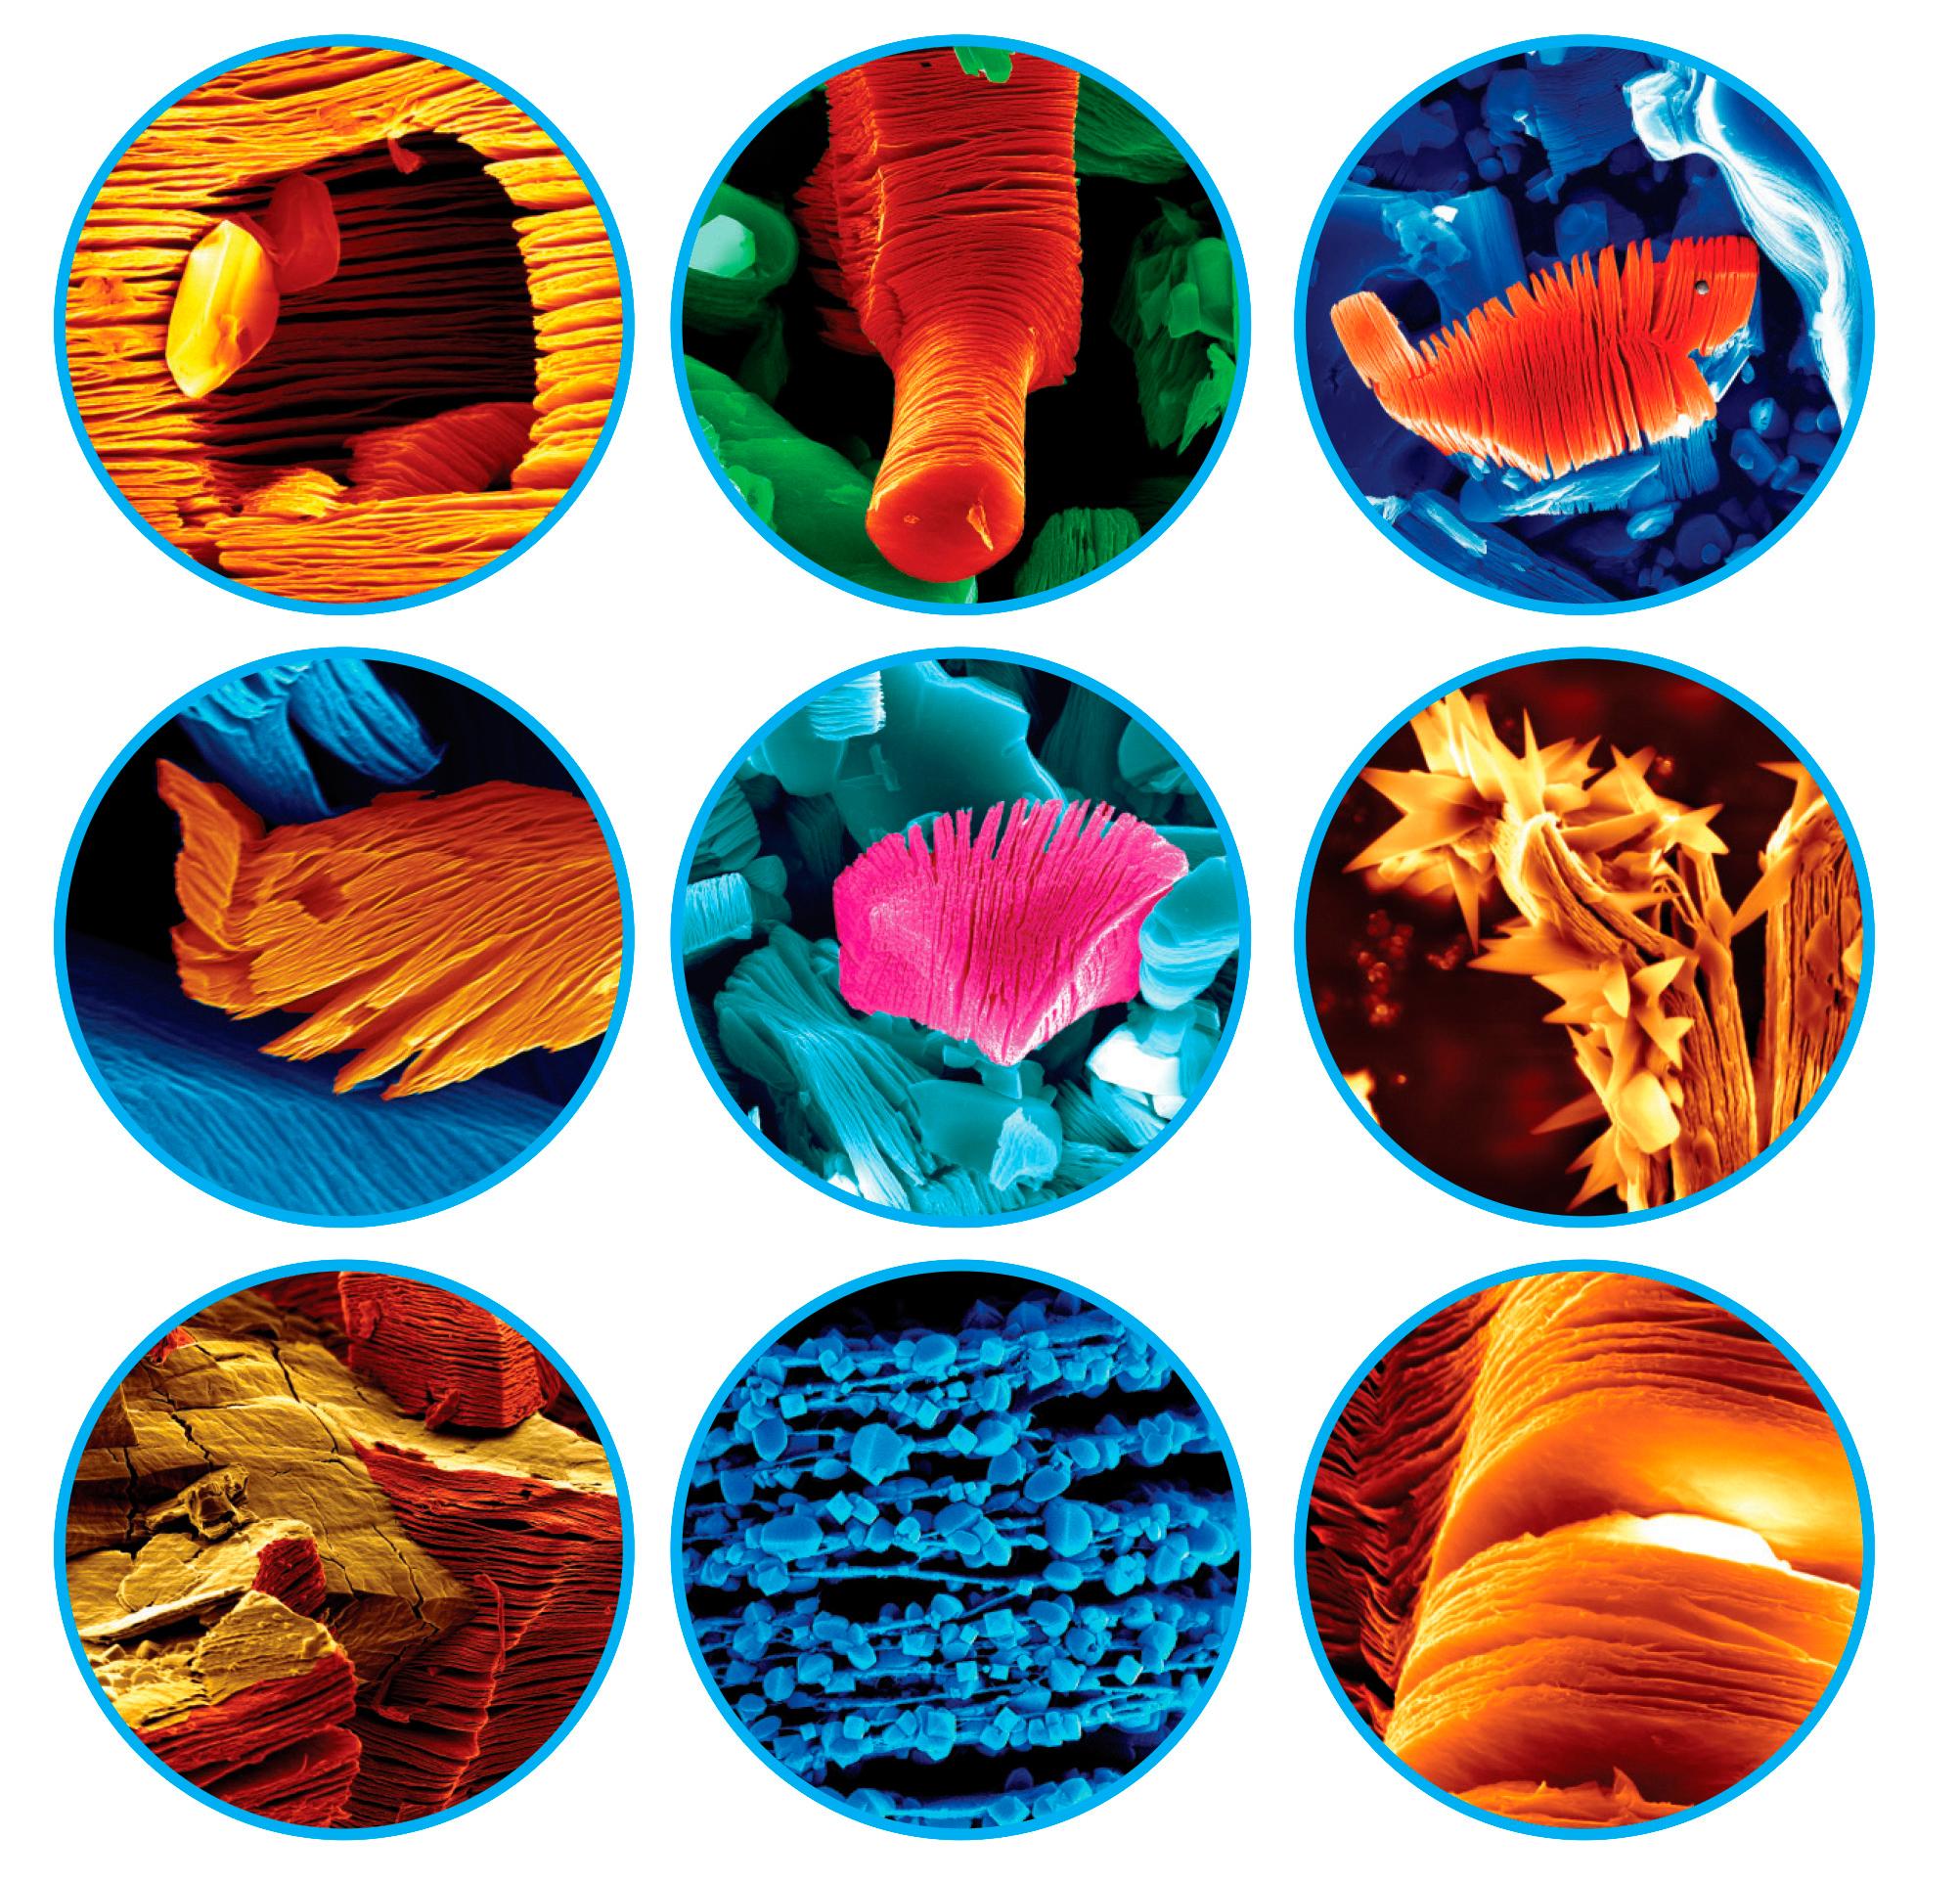 максены, SEM микроскопия, максен фото